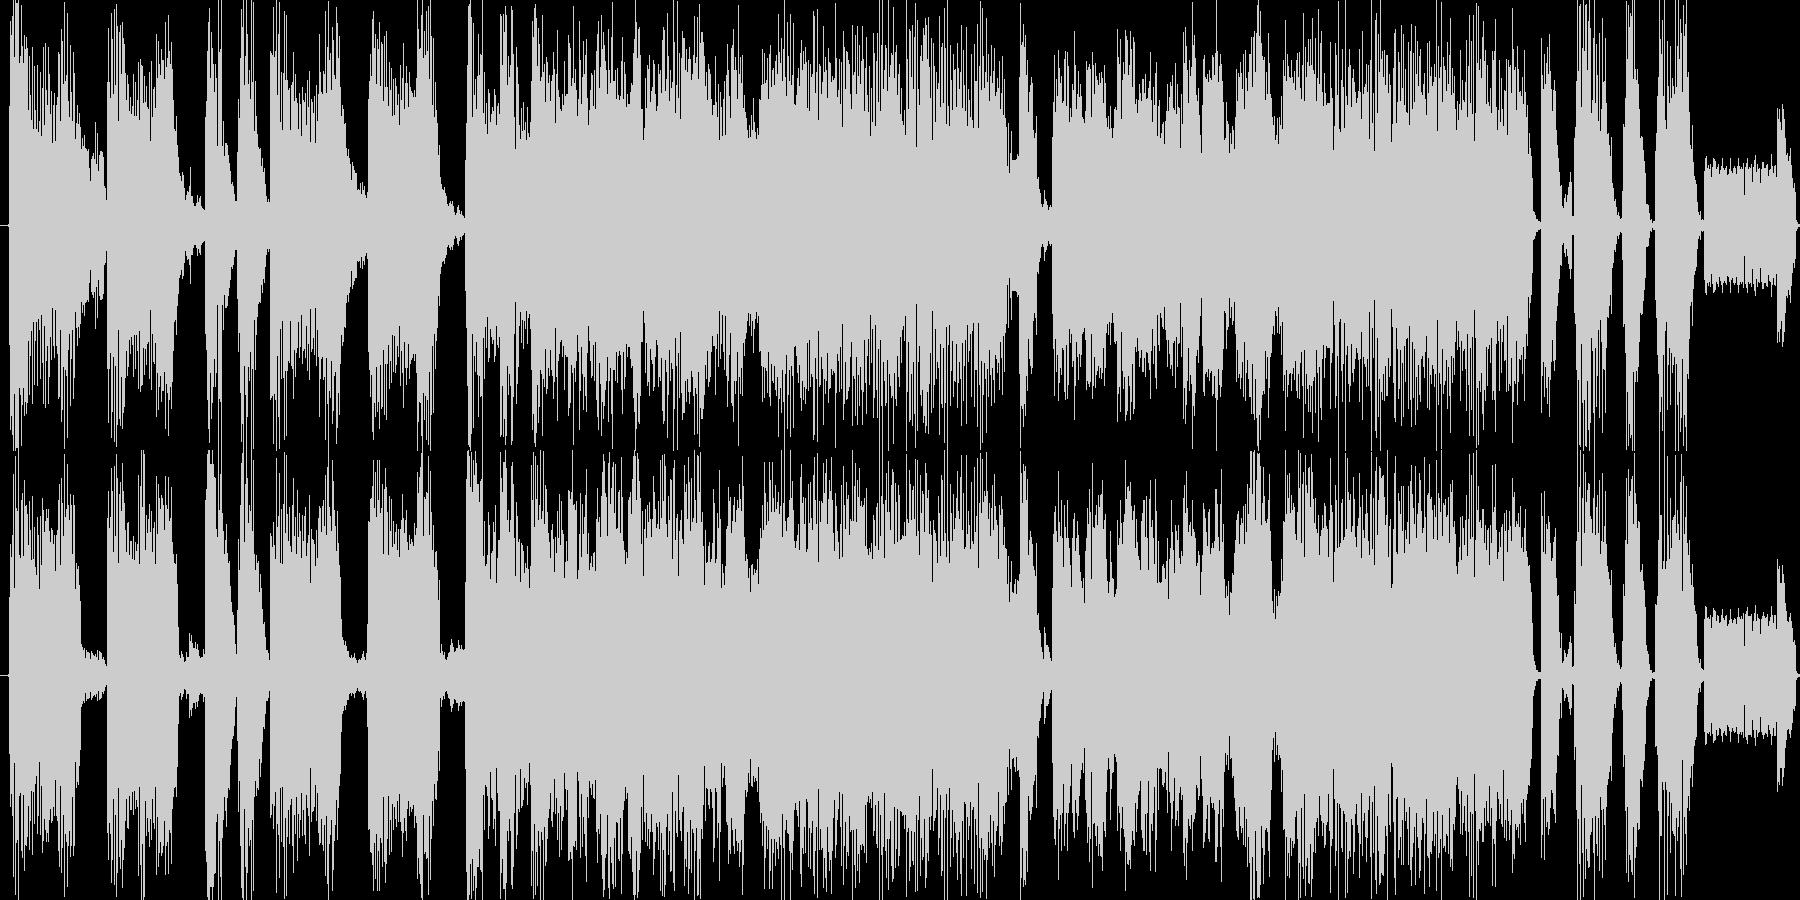 15秒ロック楽曲勢いすごい。の未再生の波形